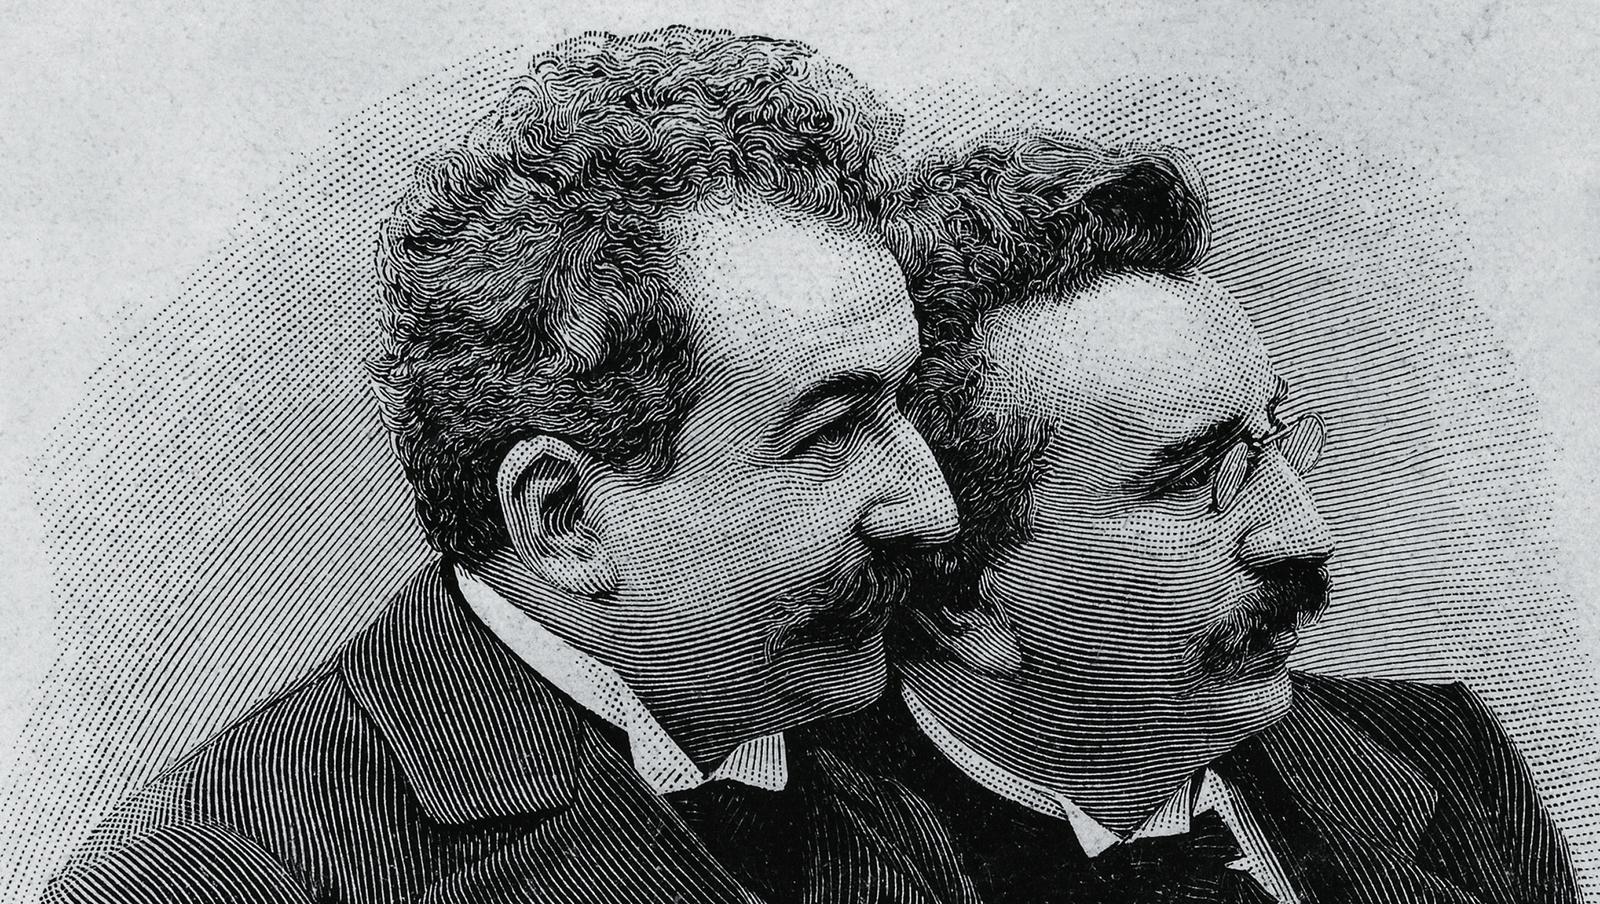 Image - August Lumière (left) and Louis Lumière (right)